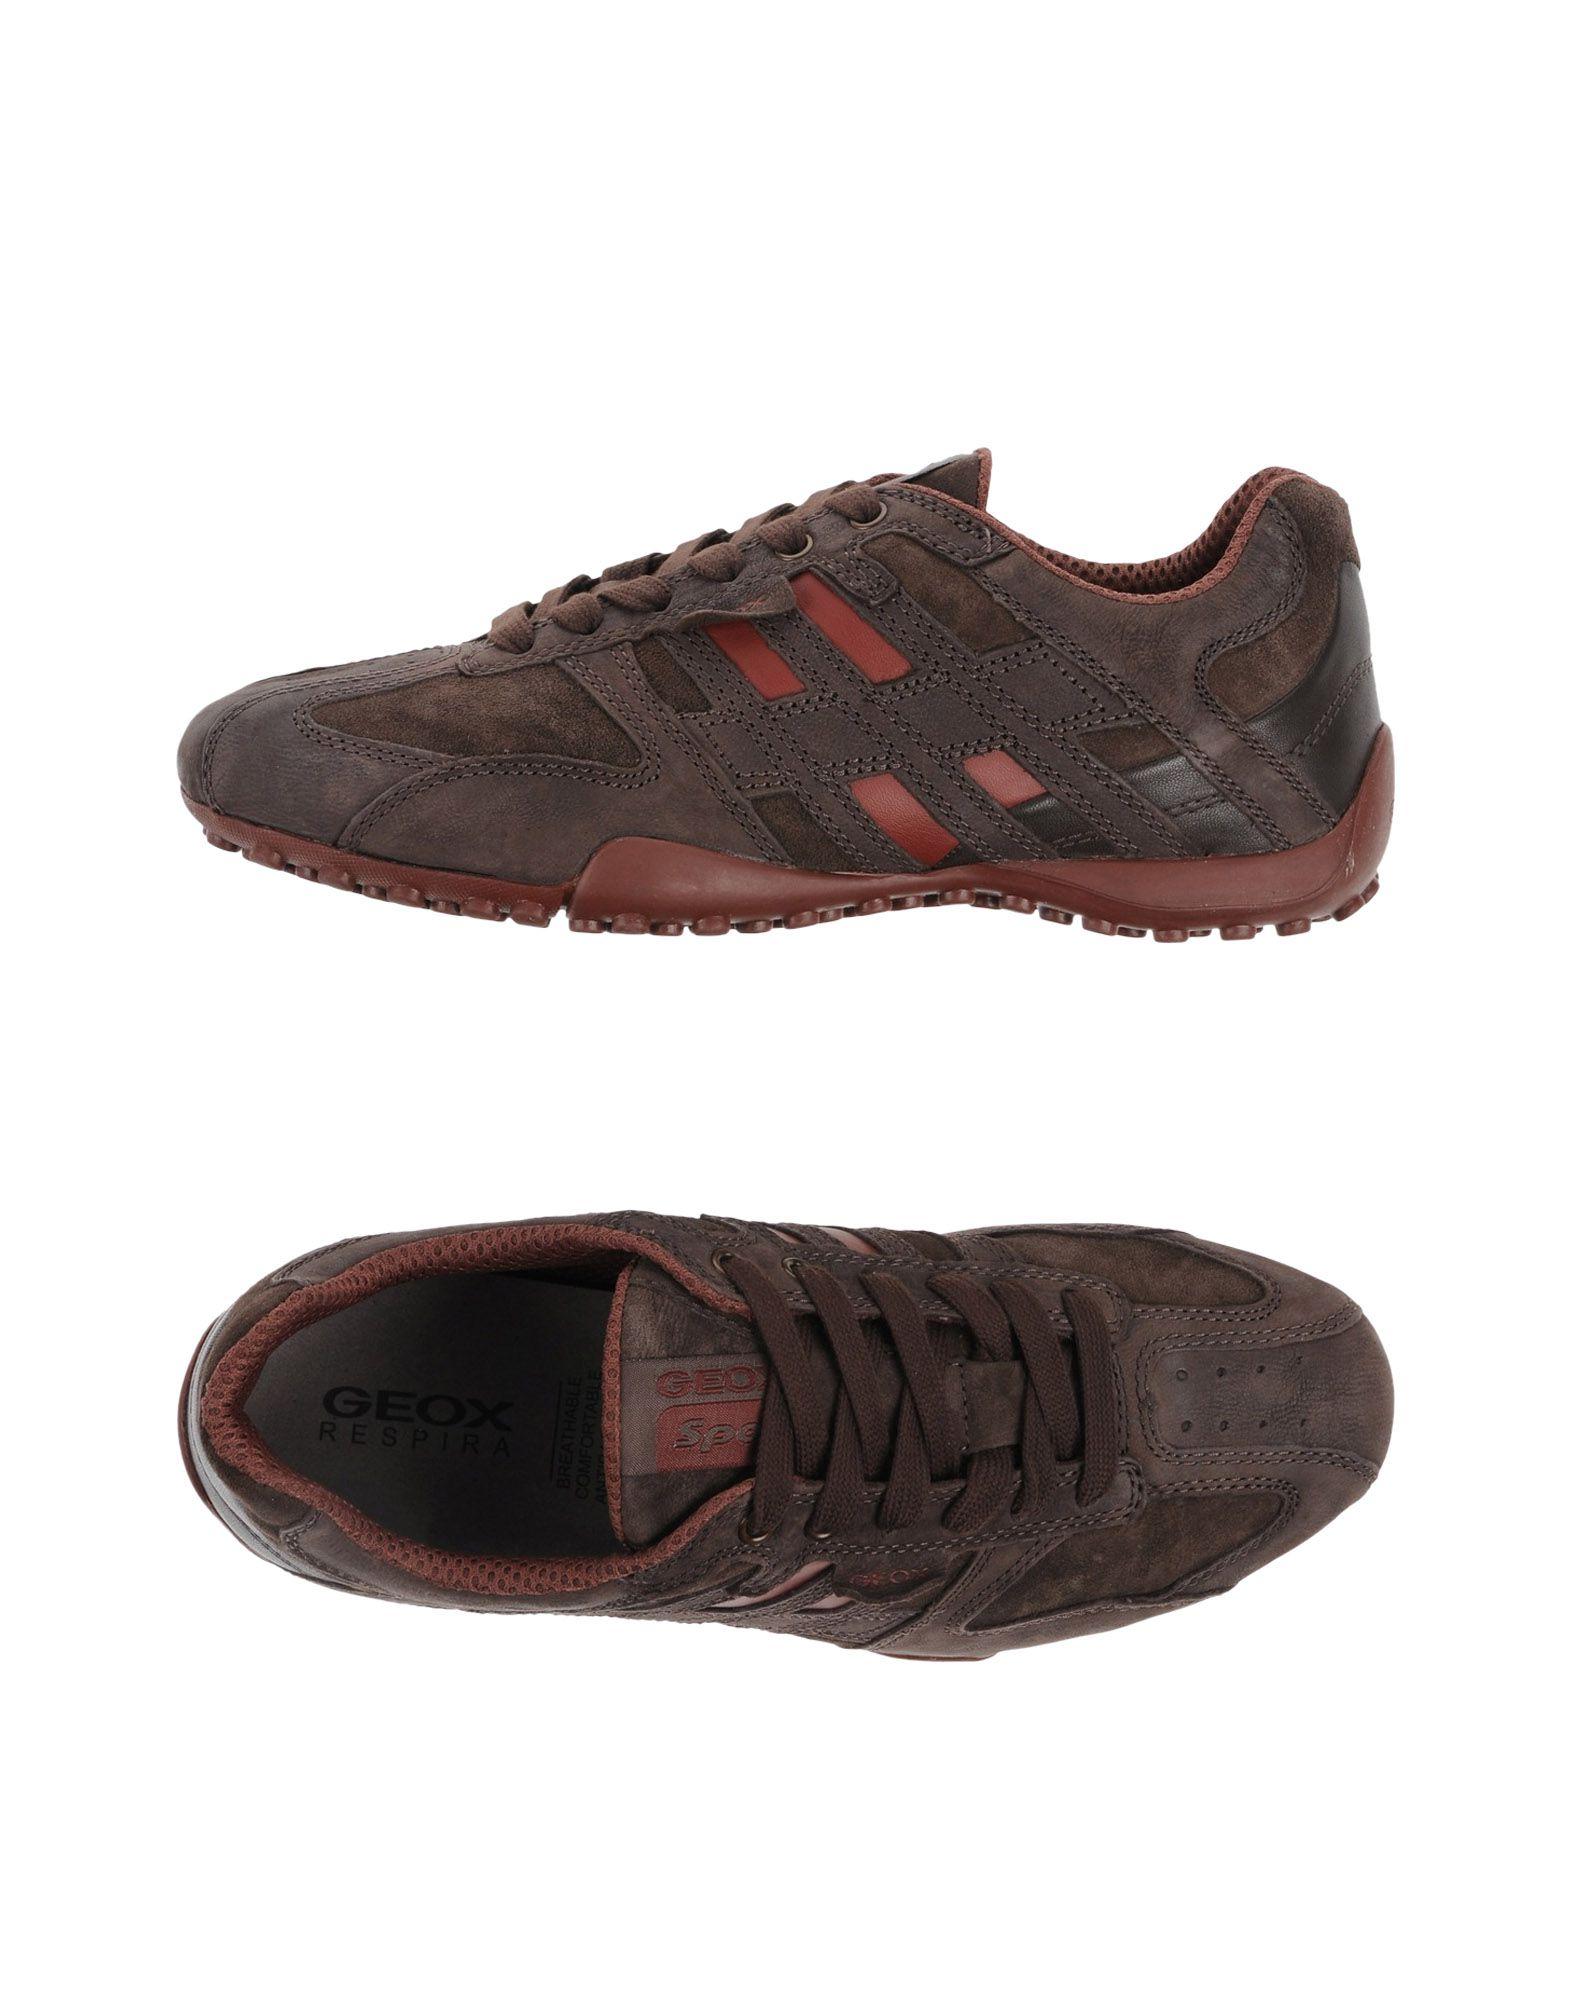 Geox Sneakers - Men Geox United Sneakers online on  United Geox Kingdom - 11253530SV 2d71ef